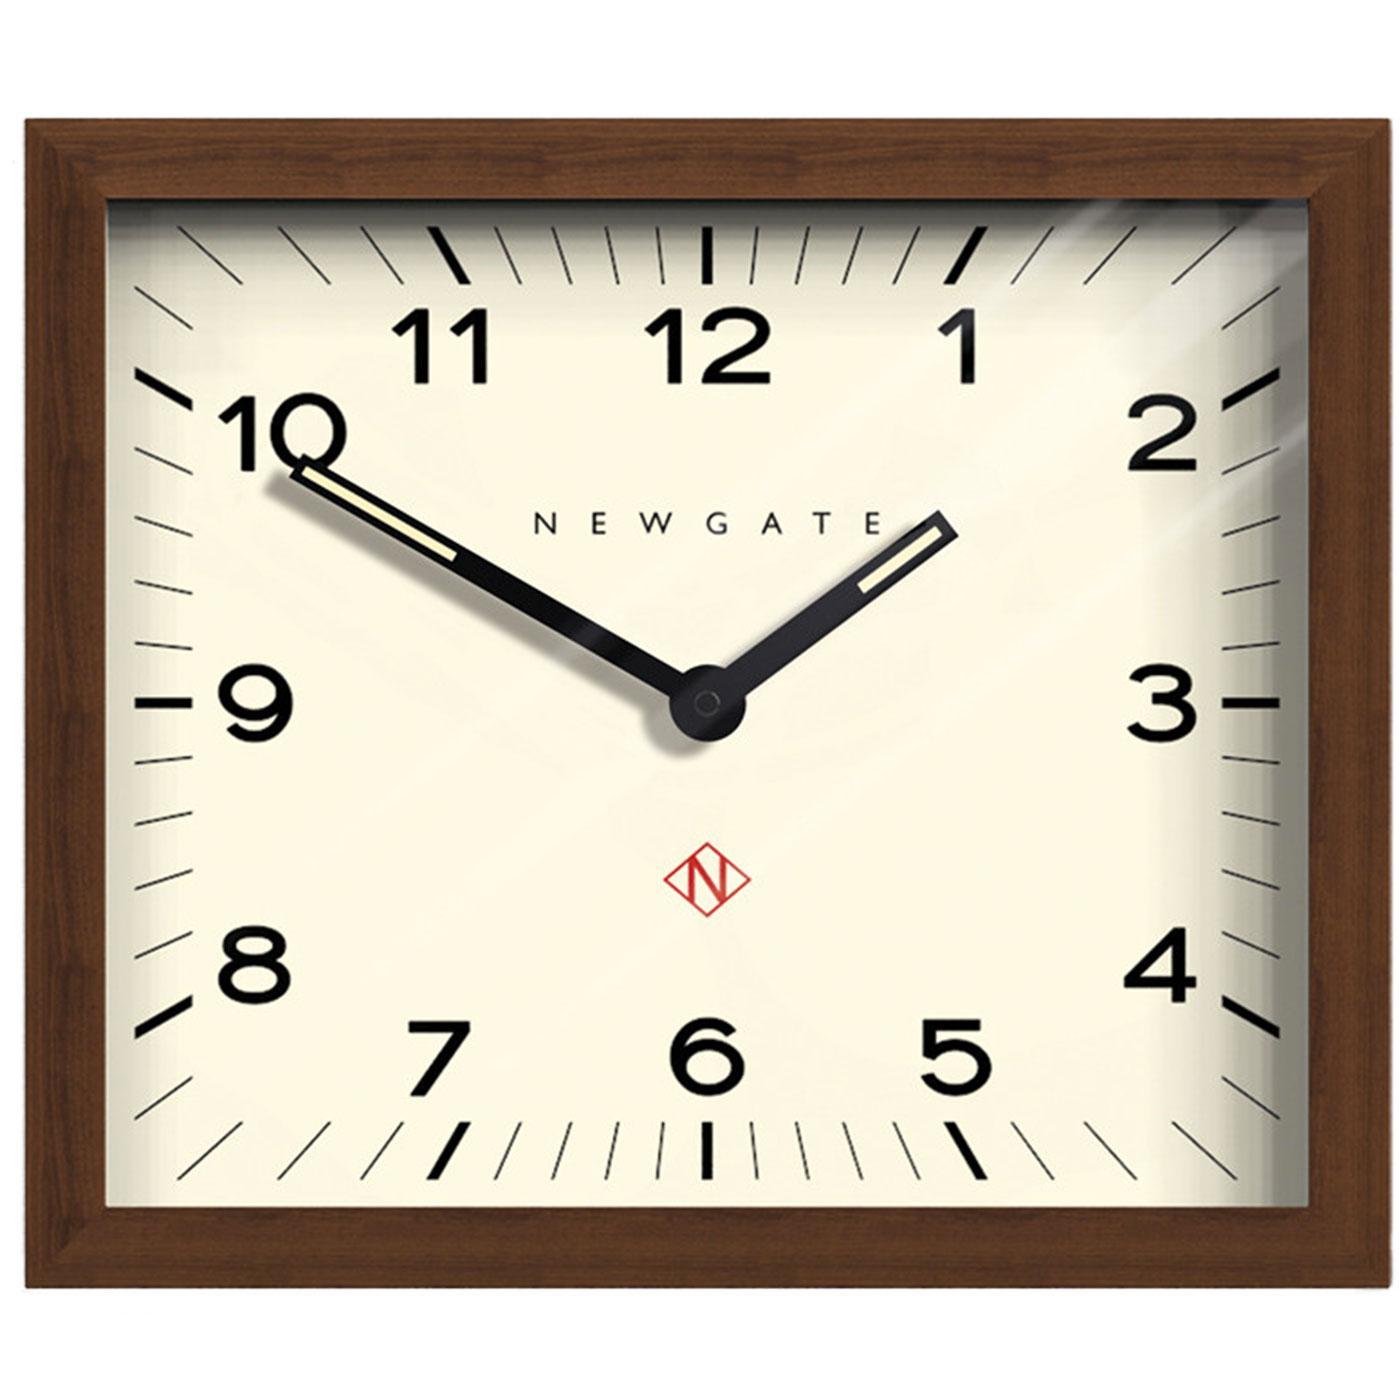 Mr Davies NEWGATE CLOCKS Retro Wooden Wall Clock